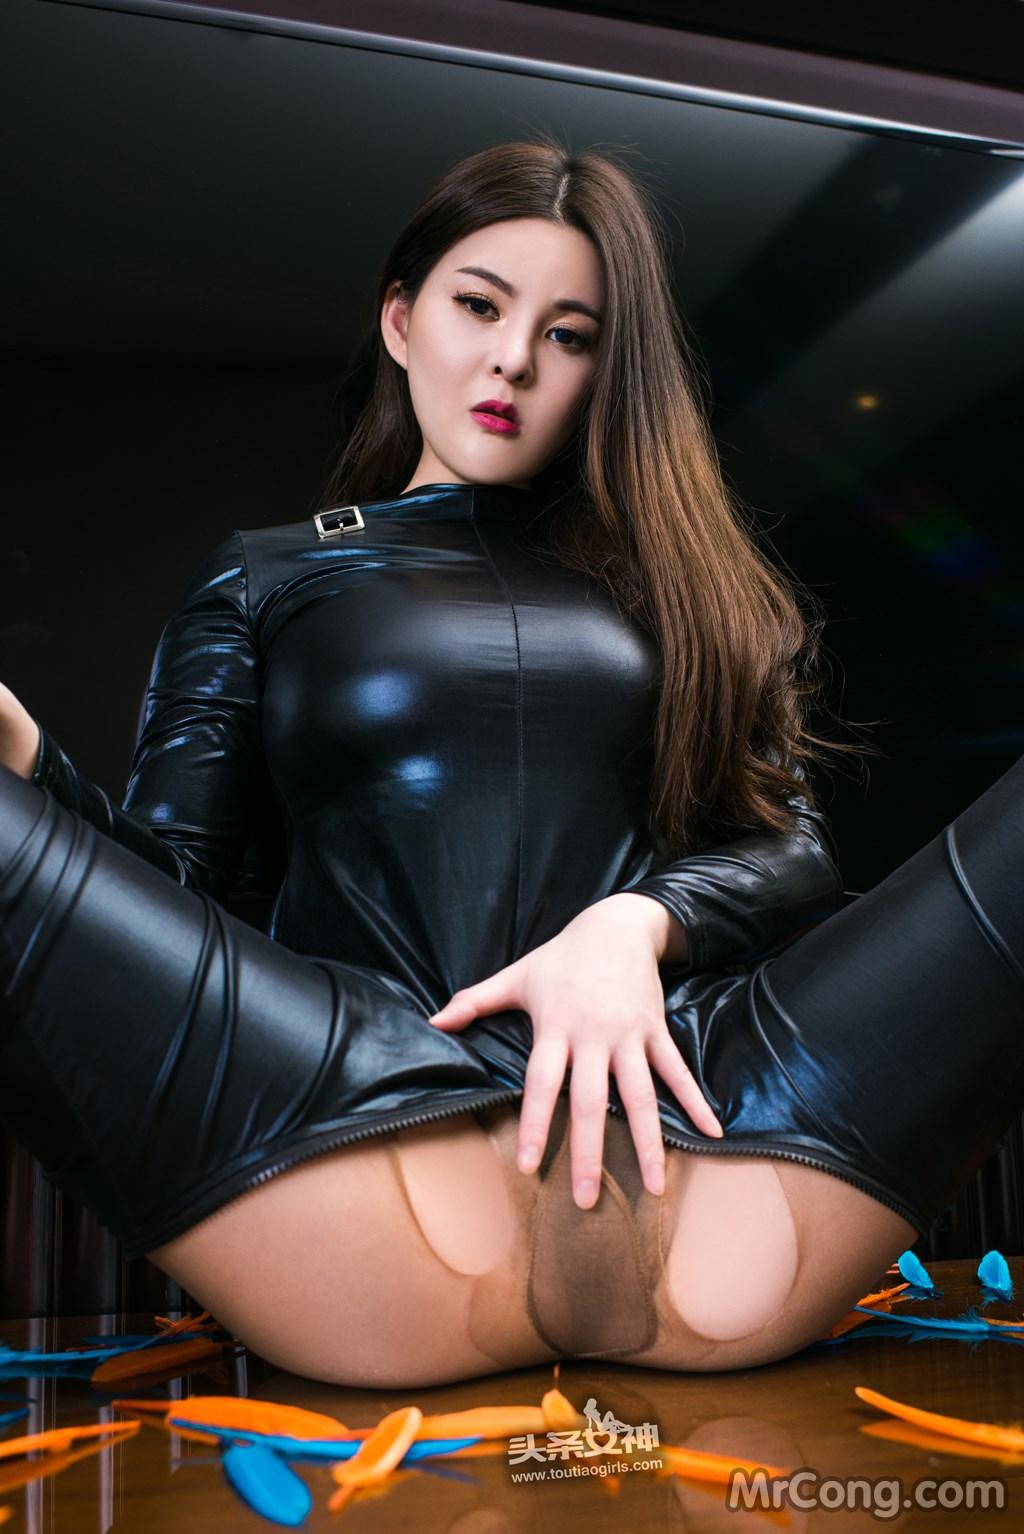 Image MrCong.com-TouTiao-2017-02-11-Tong-An-Qi-003 in post TouTiao 2017-02-11: Người mẫu Tong An Qi (童安琪) (27 ảnh)